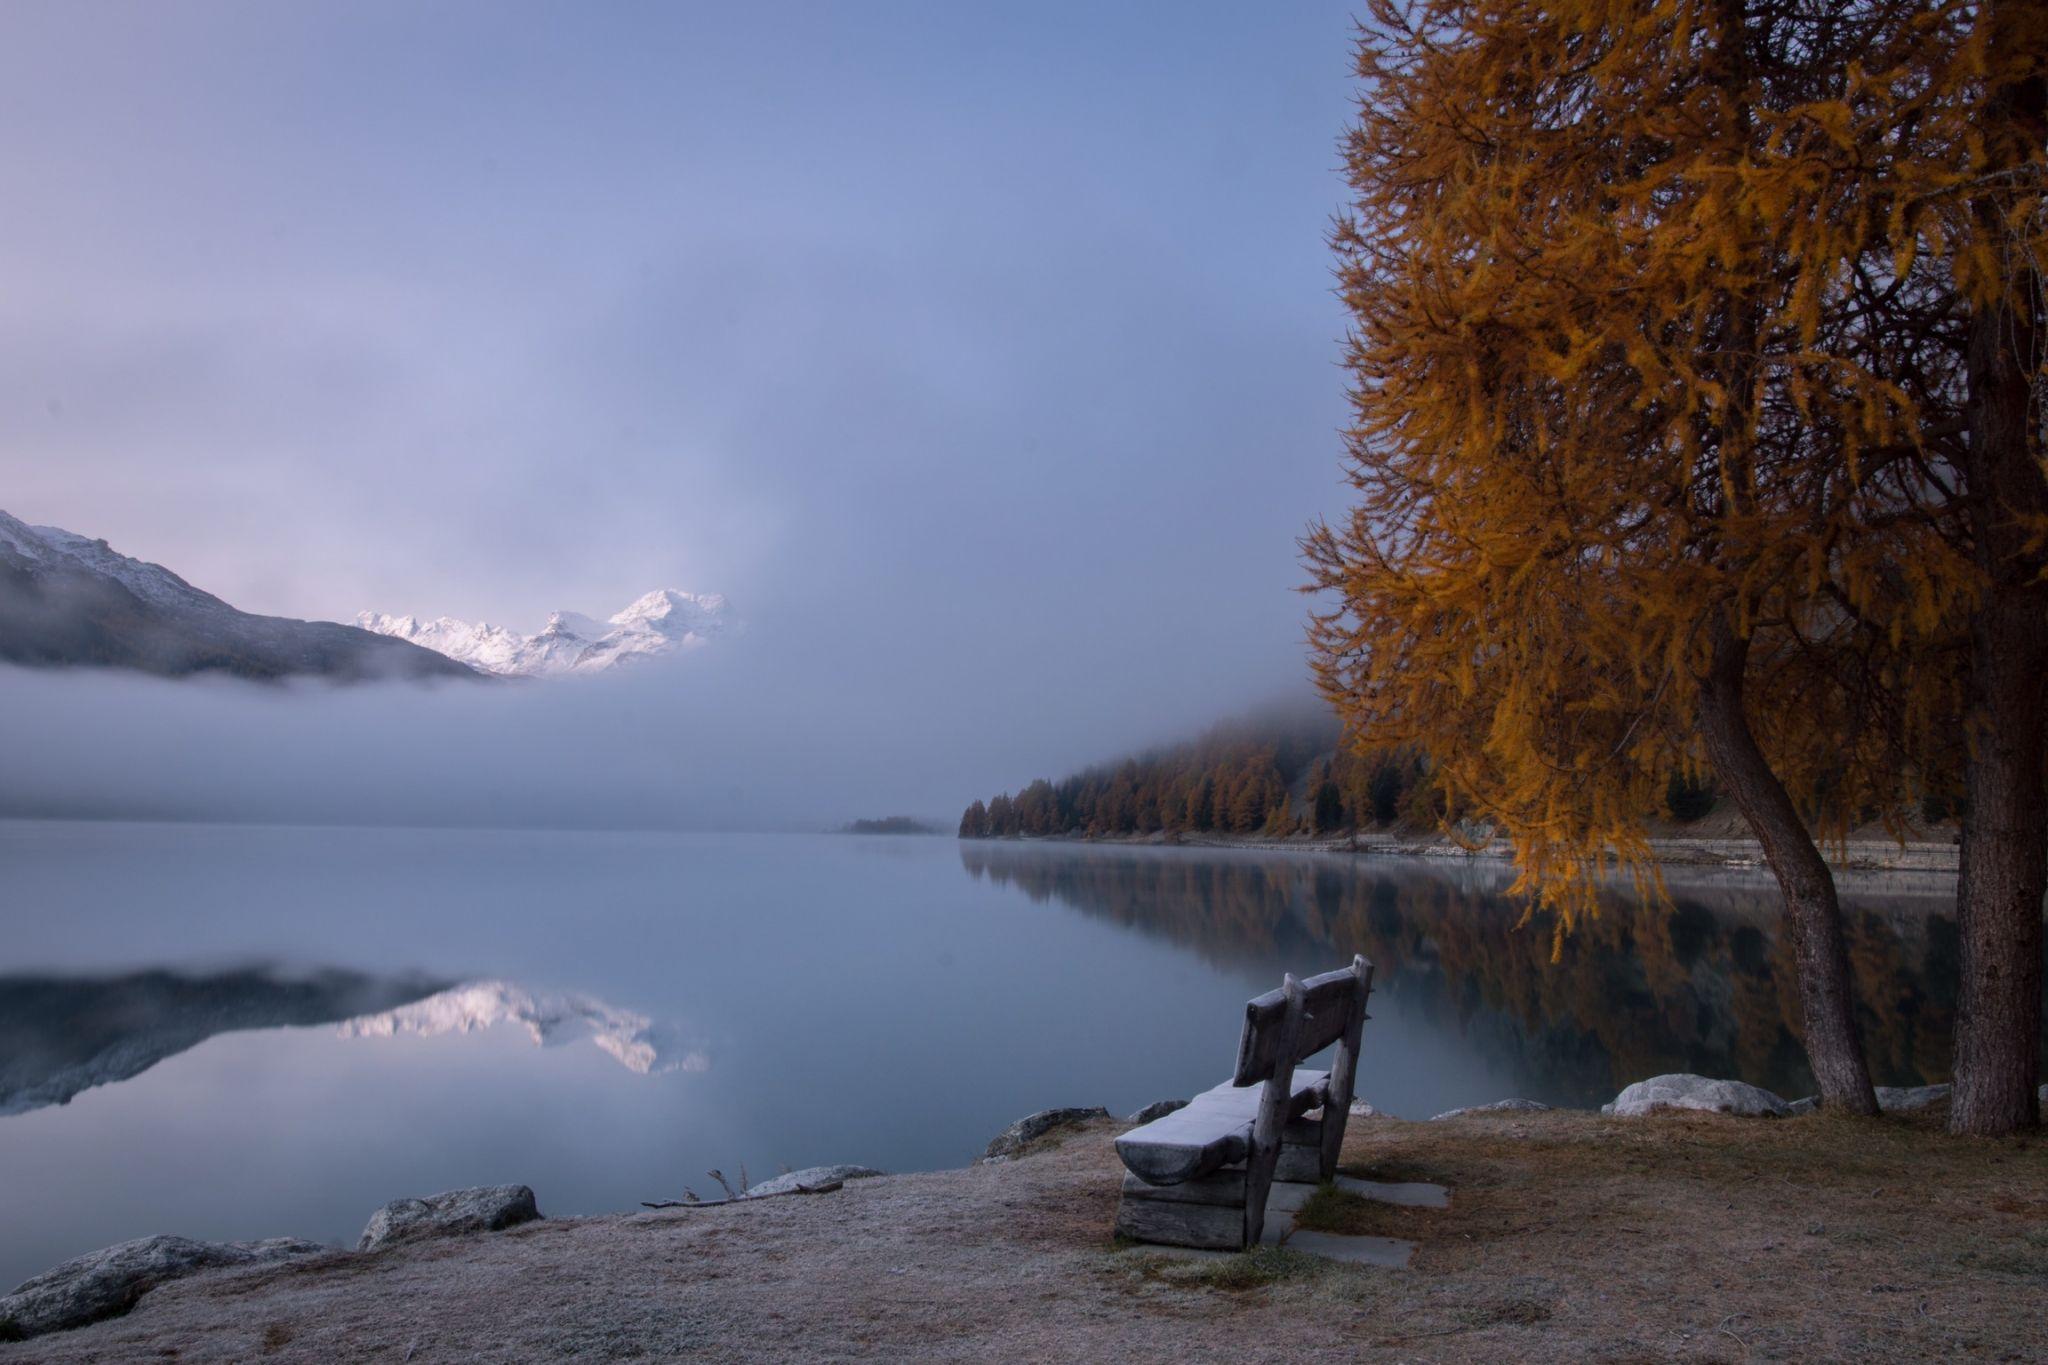 Lake Silvaplana, Pappaloù, Switzerland